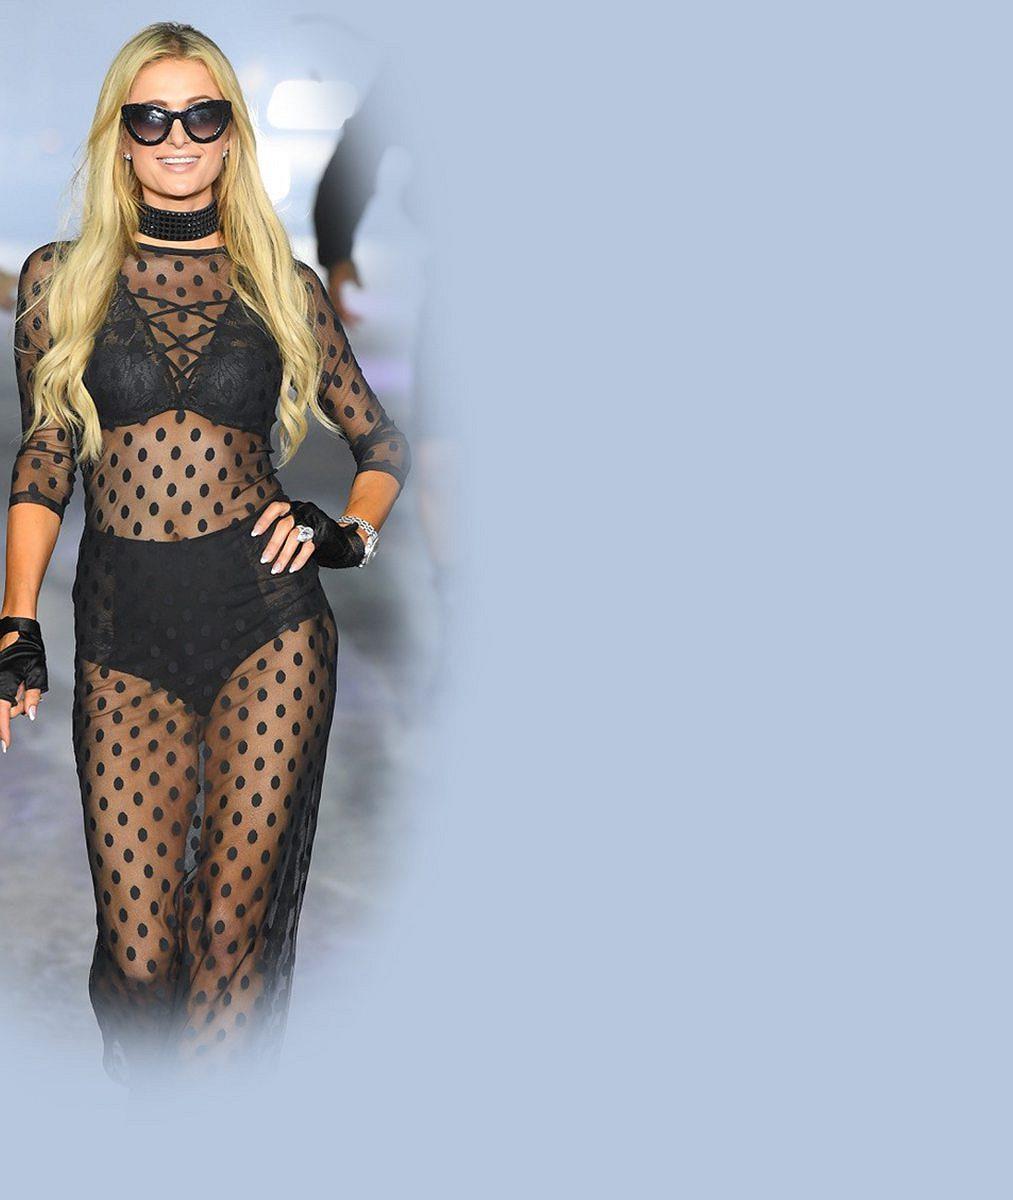 Novou lásku má teprve několik měsíců, ale už vybrala jméno pro dítě: Paris Hilton plánuje spartnerem dvojčata